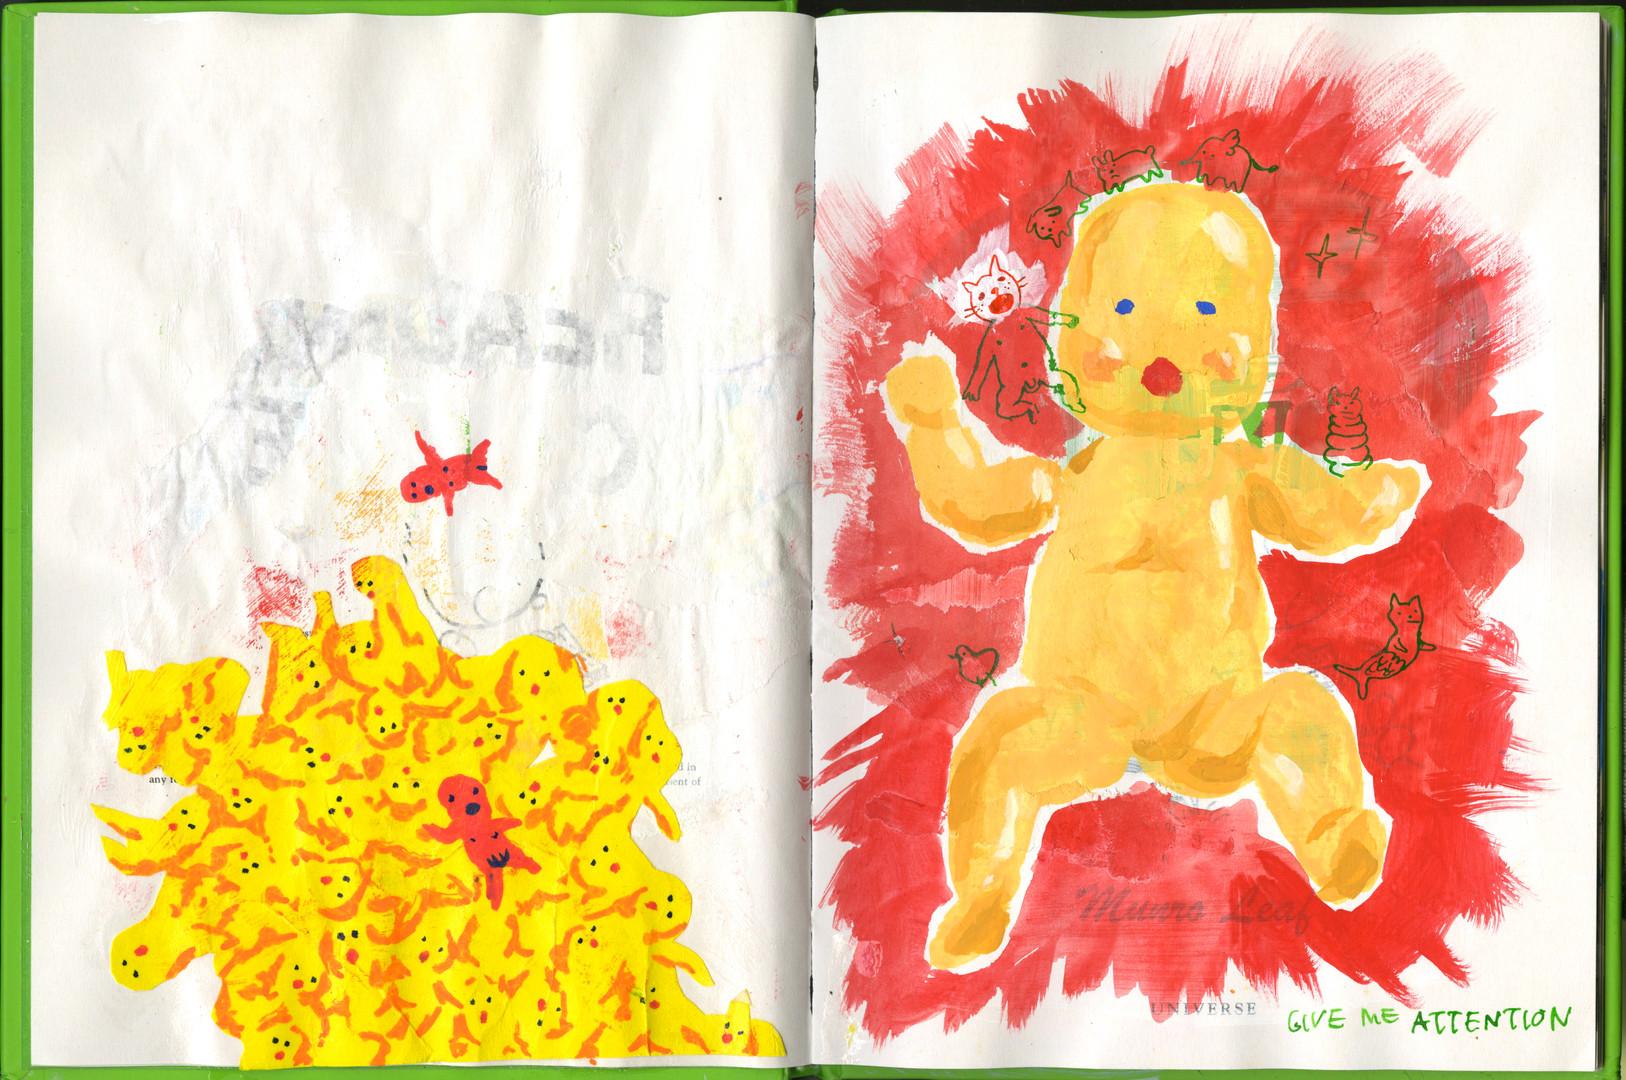 childrens_sketchbook 2.jpeg